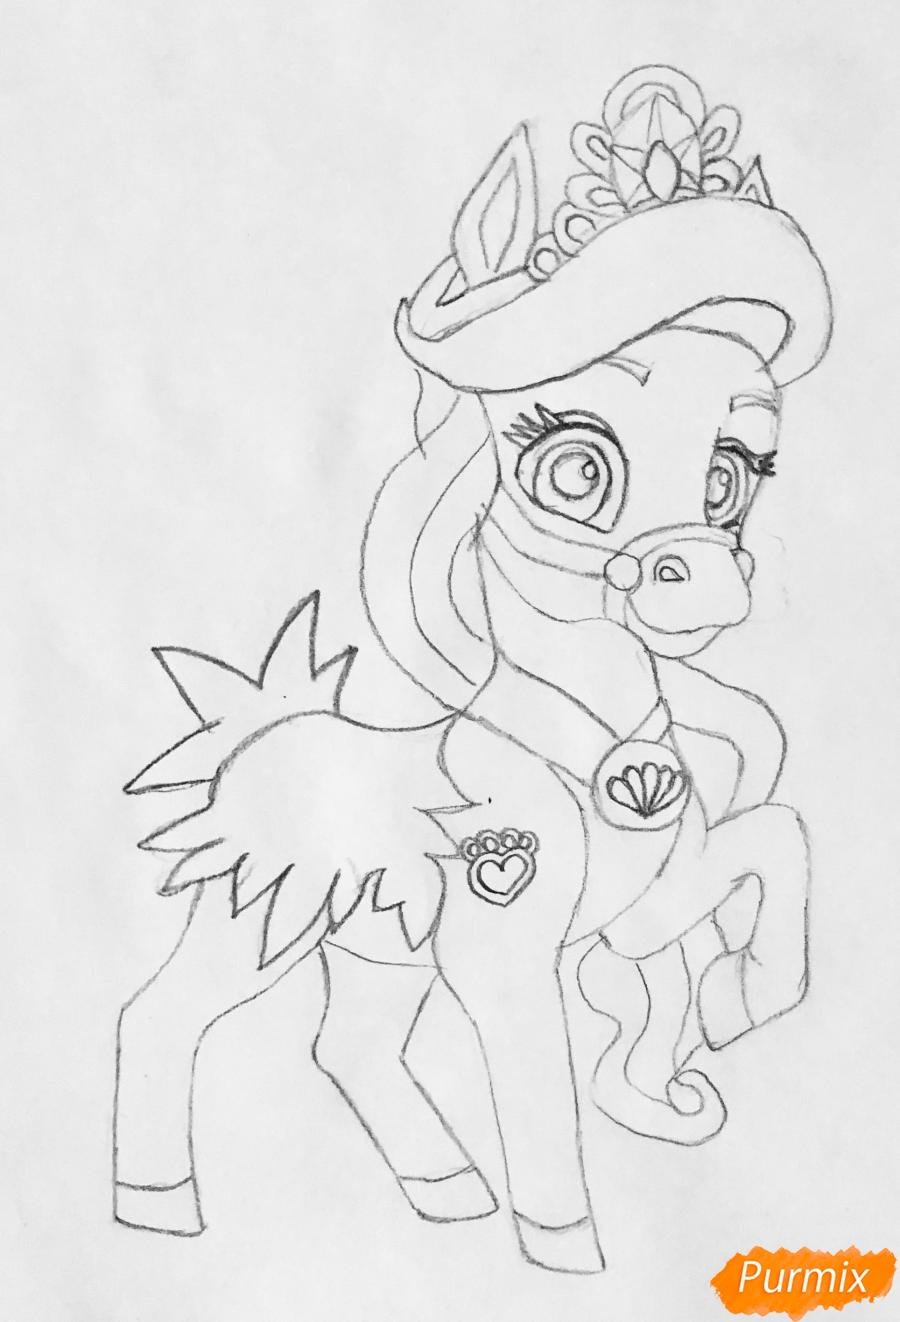 Рисуем лошадку Капельку питомца Ариэль из мультфильма Palace Pets - шаг 6